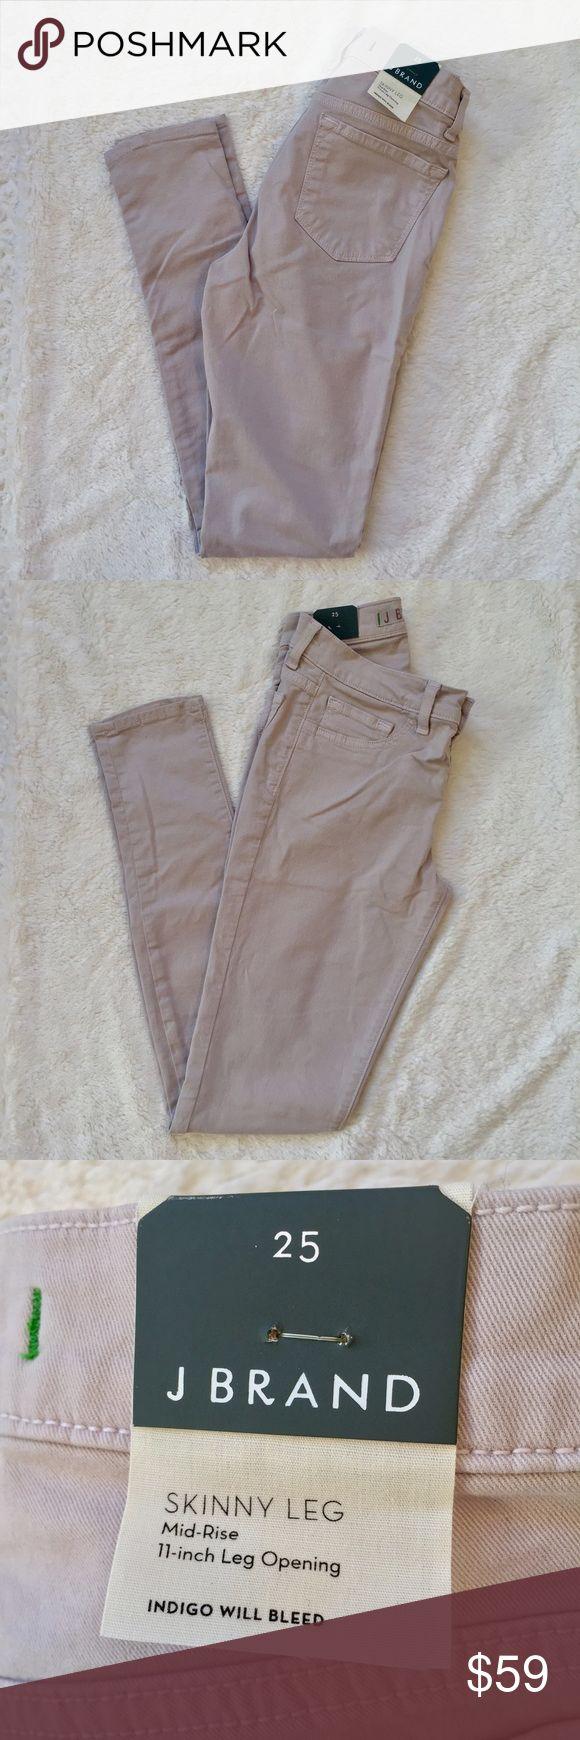 """J Brand French Grey Skinny Jeans J Brand French Grey skinnies Size 25. NWT. 28"""" inseam. J Brand Pants Skinny"""